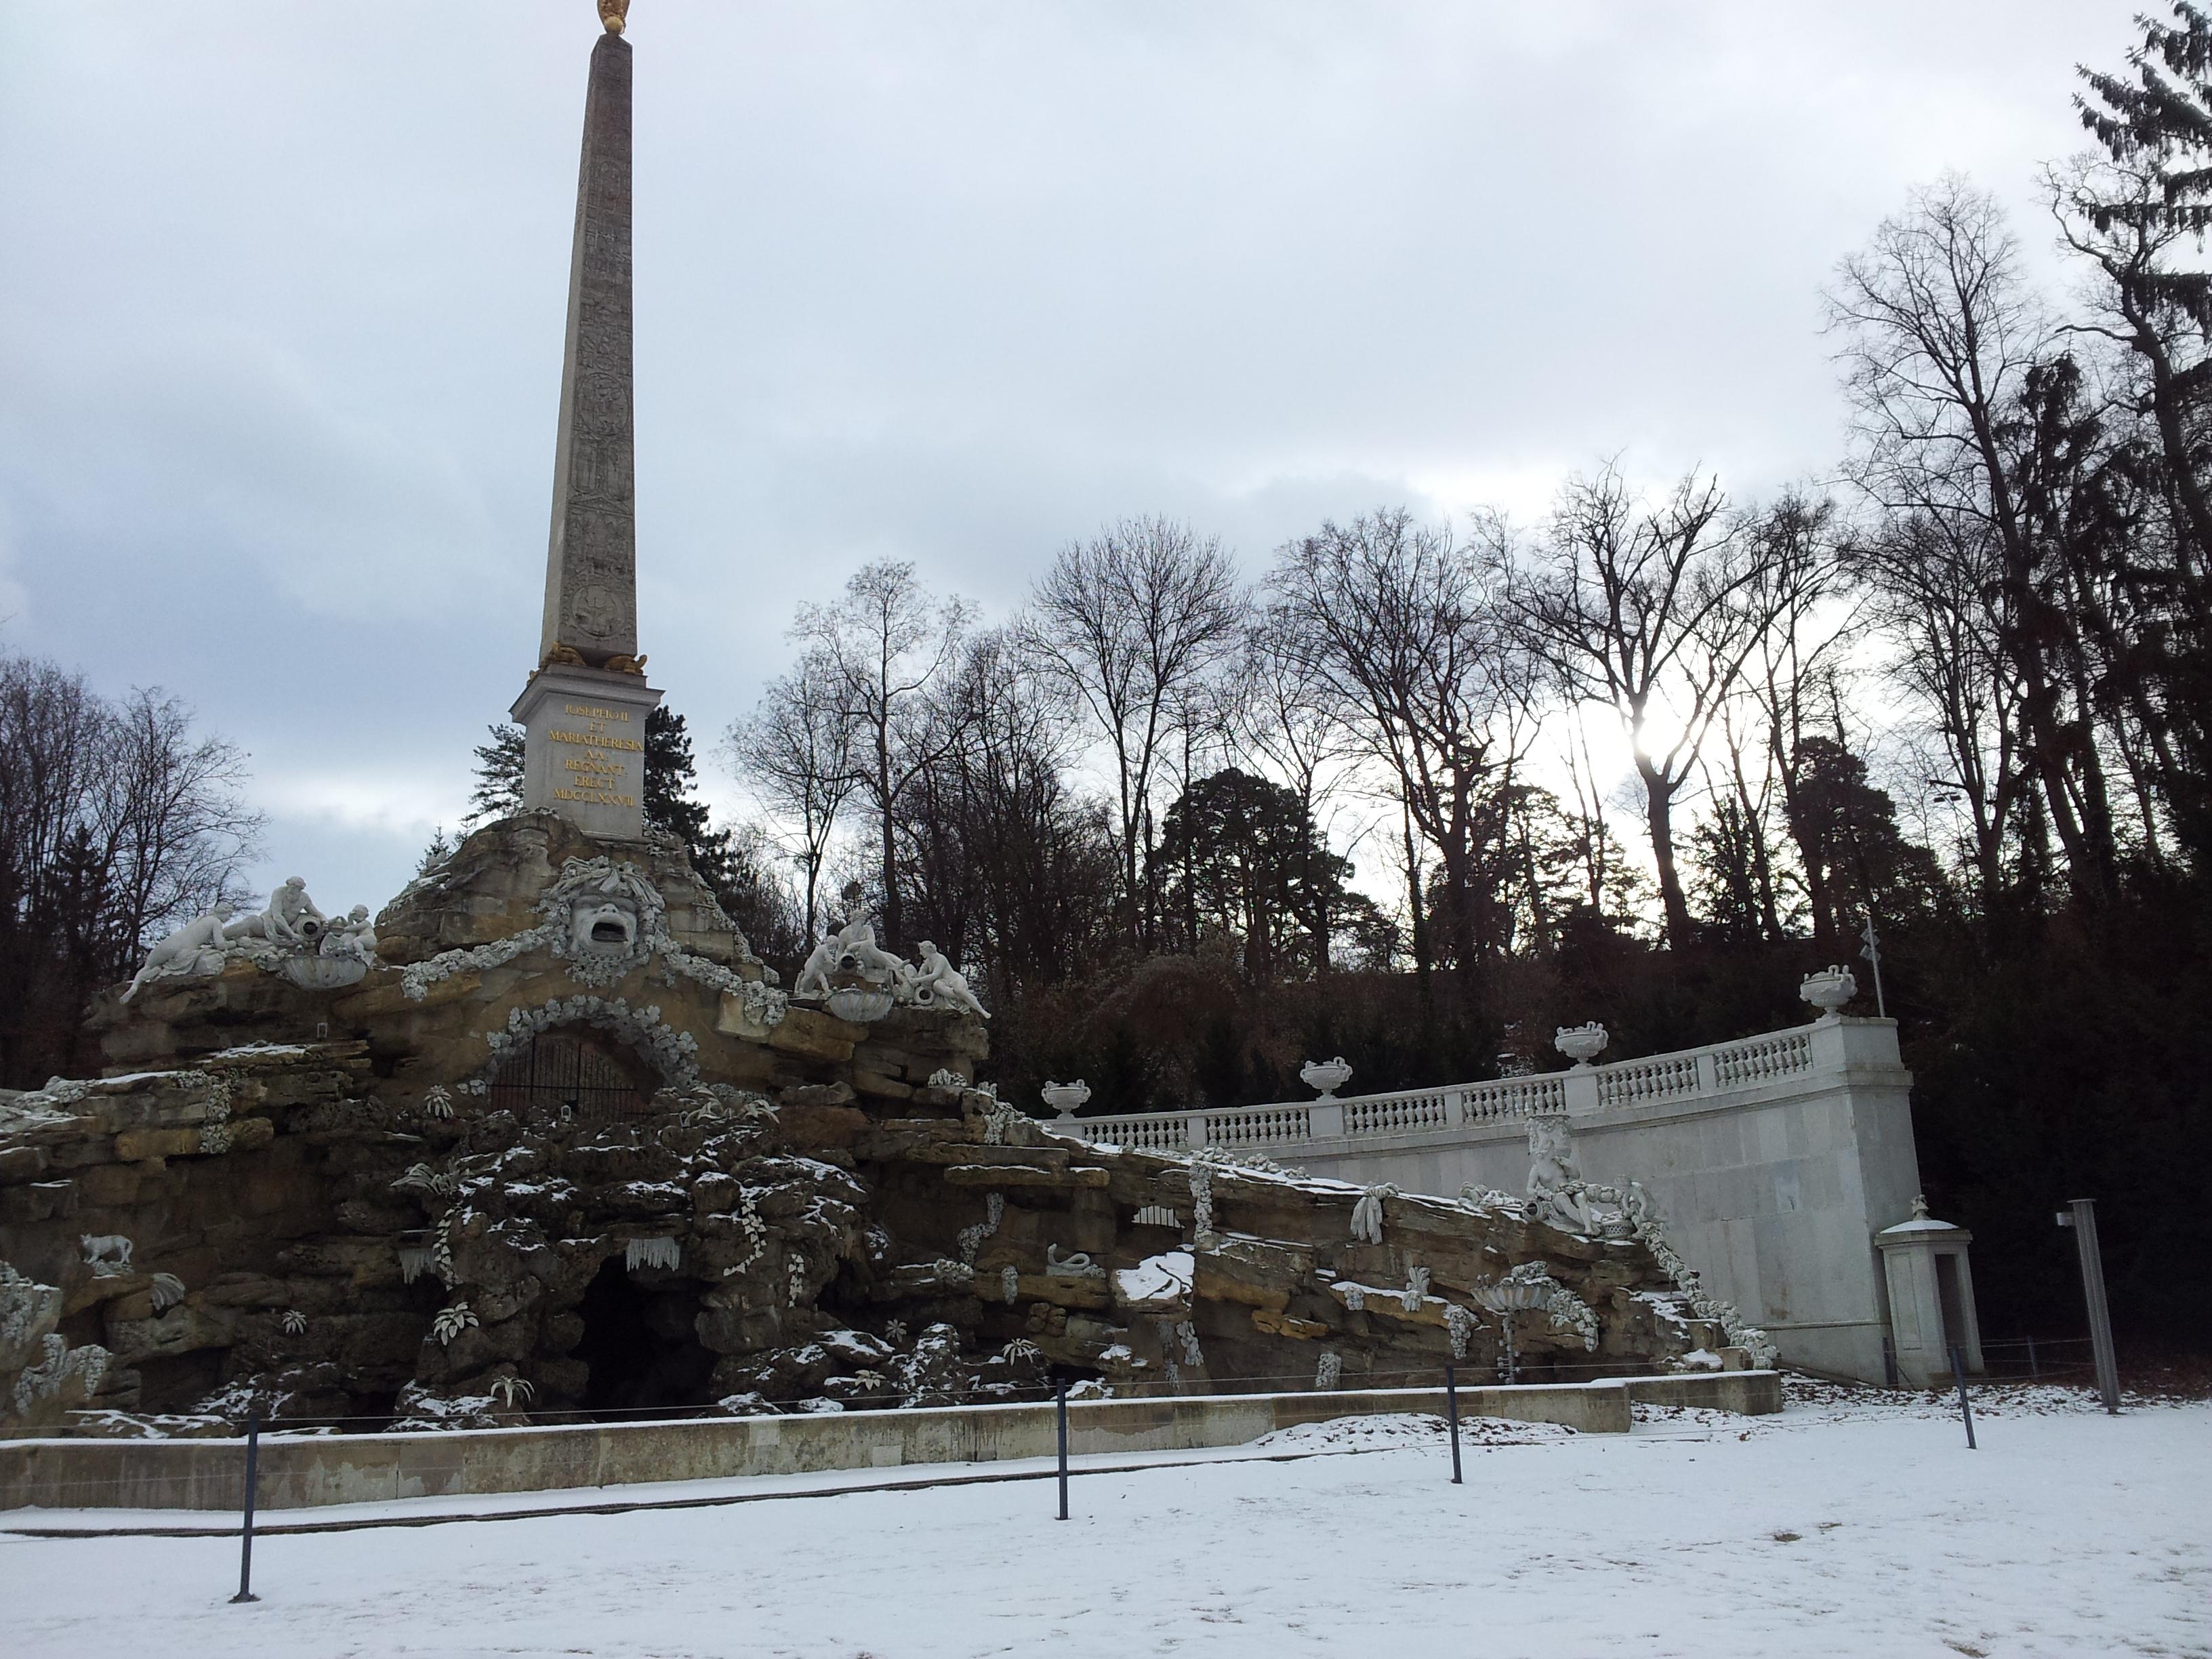 Oblesikenbrunnen